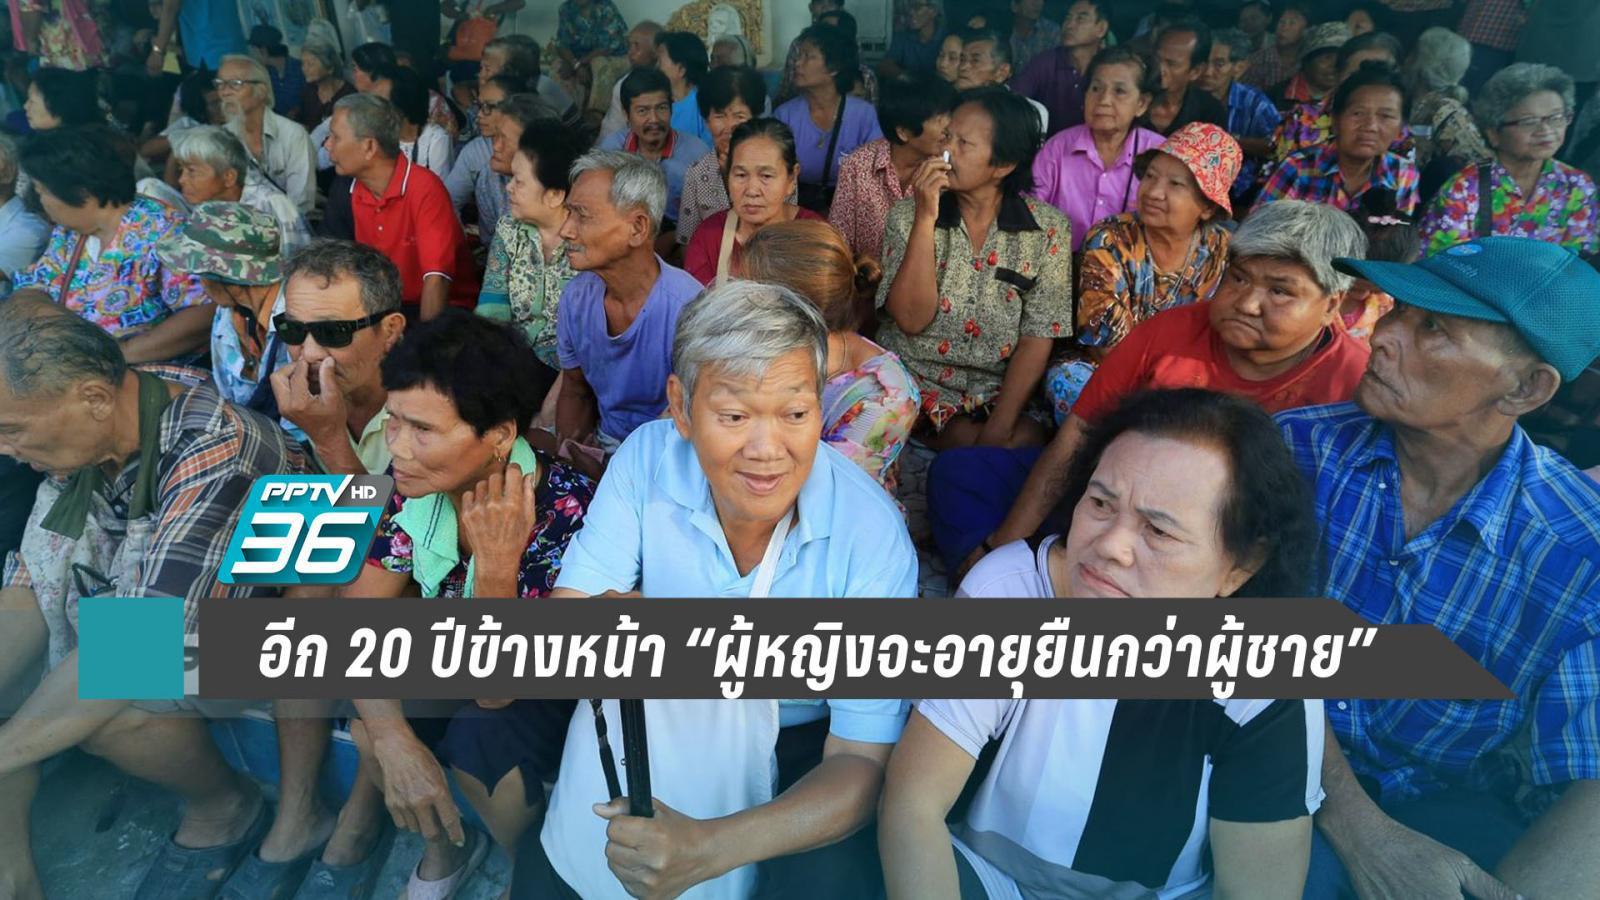 """อีก 20 ปีข้างหน้าคนไทยจะอายุมากขึ้นและ """"ผู้หญิงอายุยืนกว่าผู้ชาย"""""""